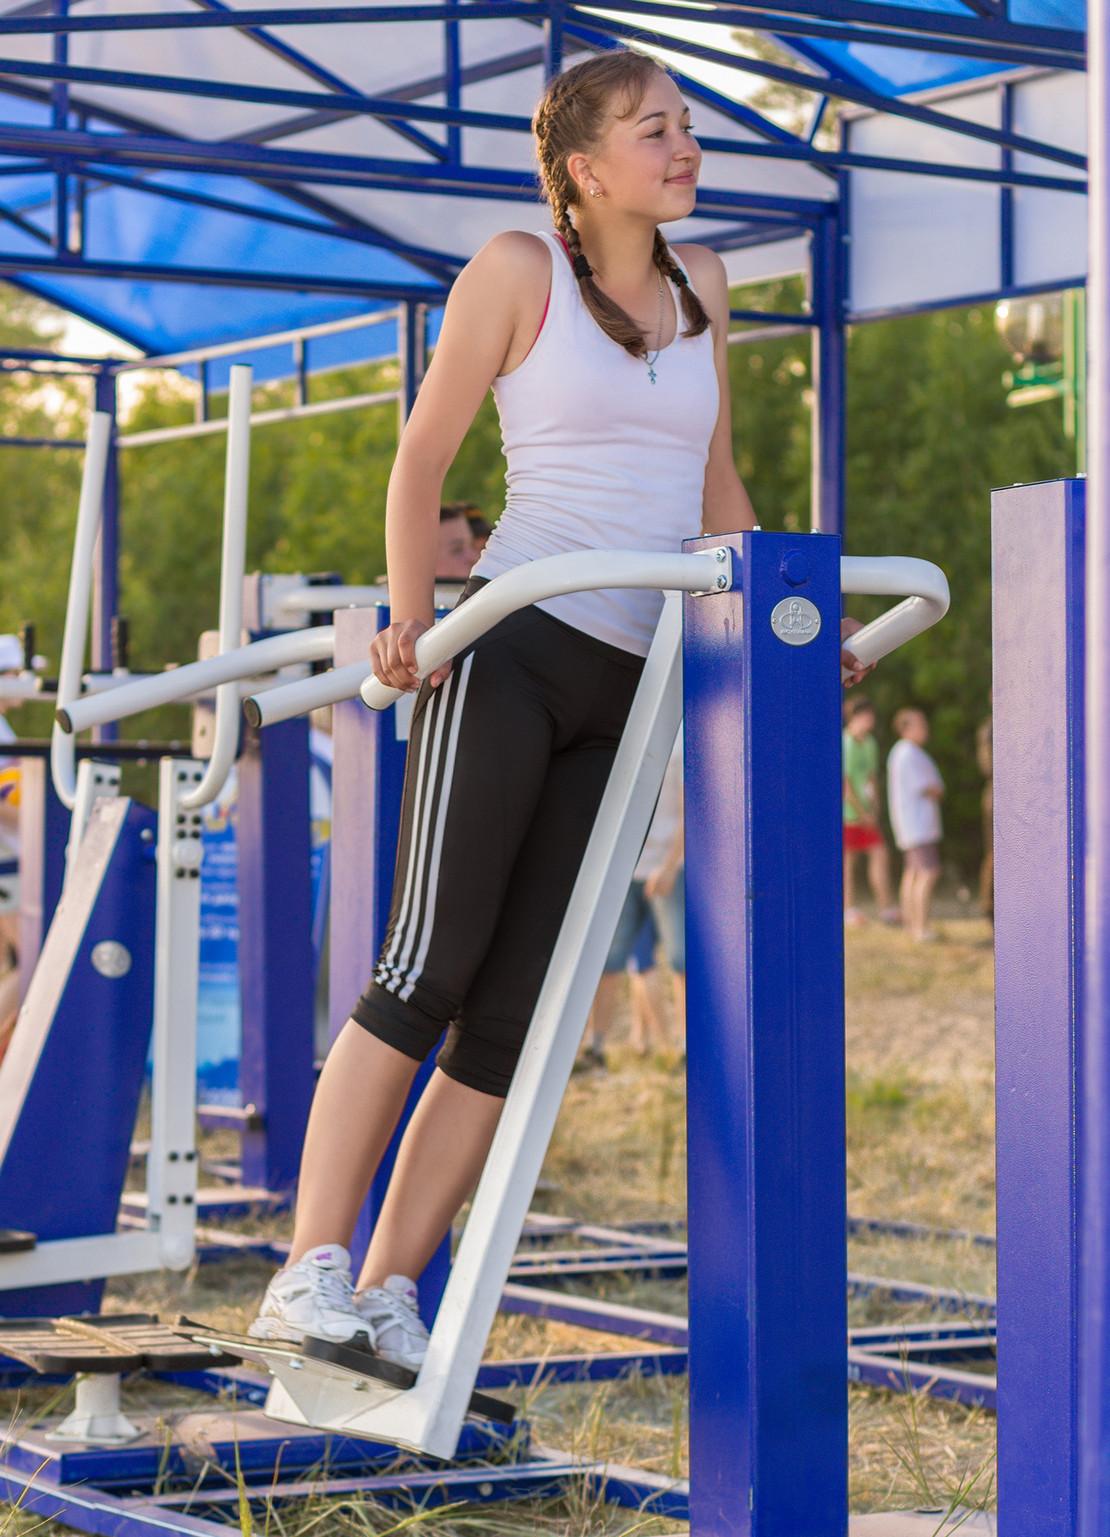 Комплекс упражнений для похудения на уличных тренажерах